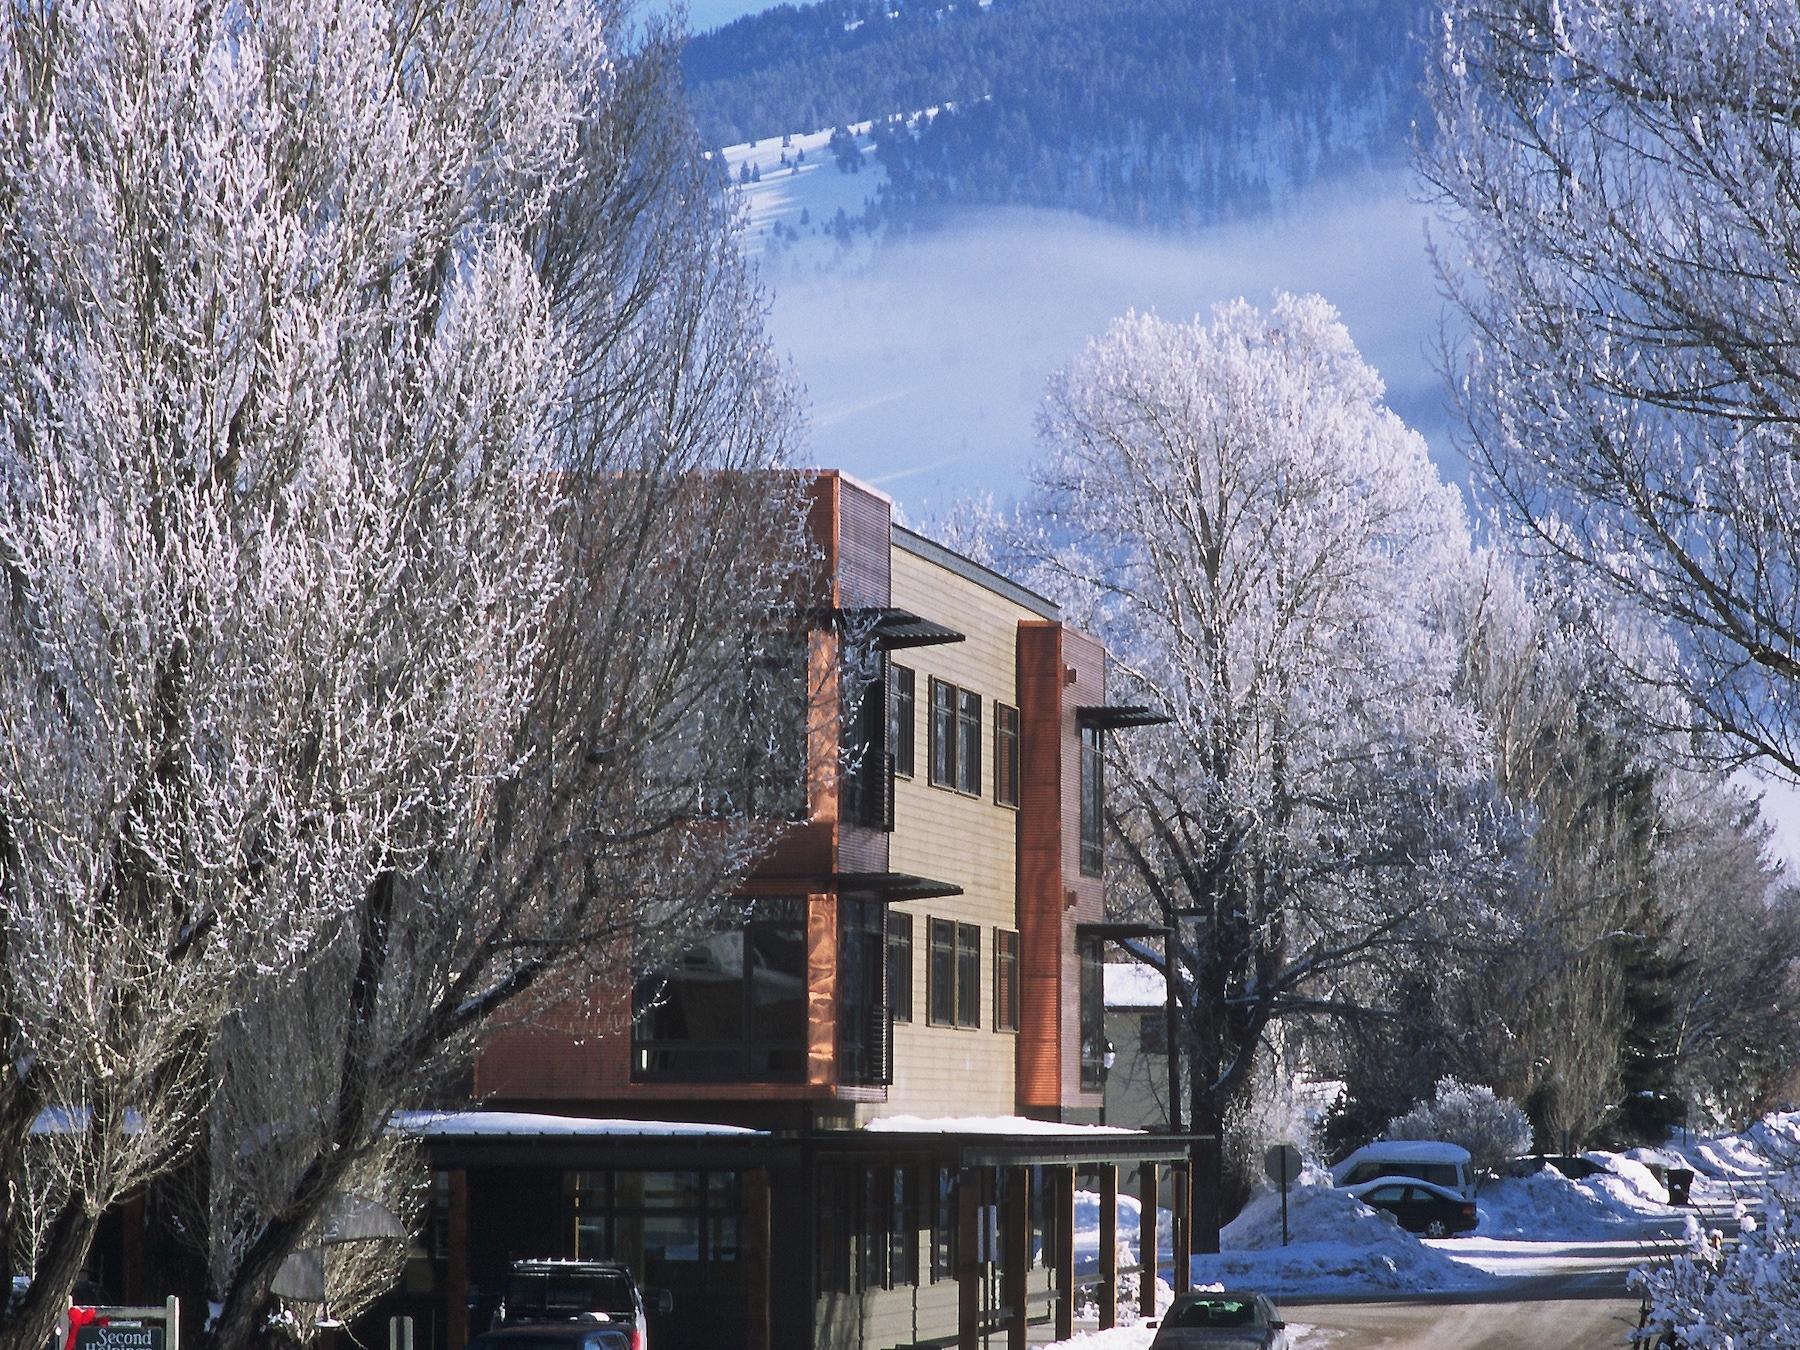 Goss PW winter scene